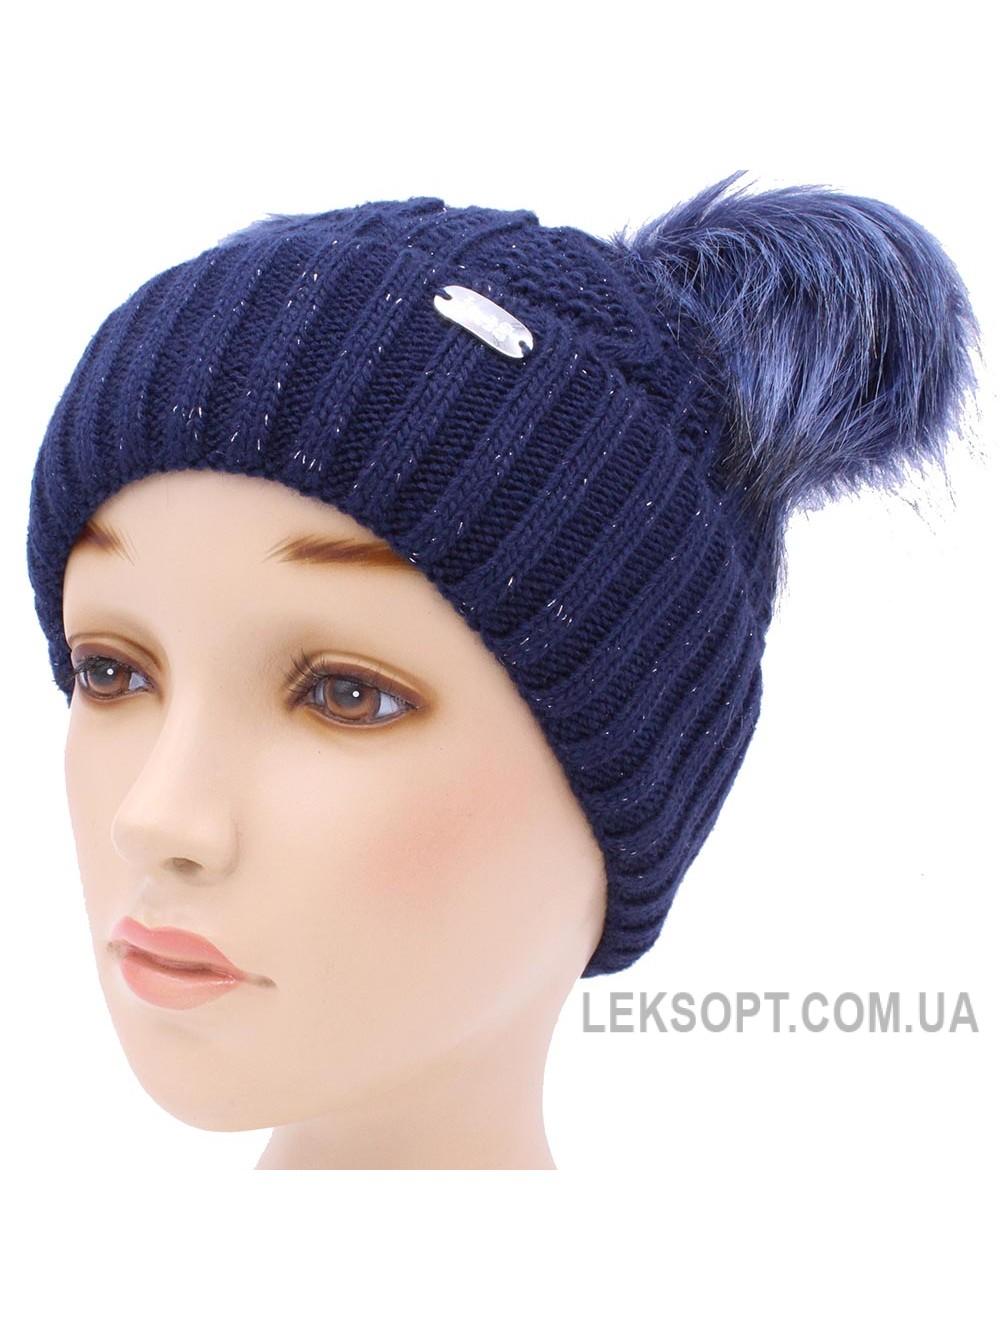 Детская вязаная шапка Милашка D53236-46-50